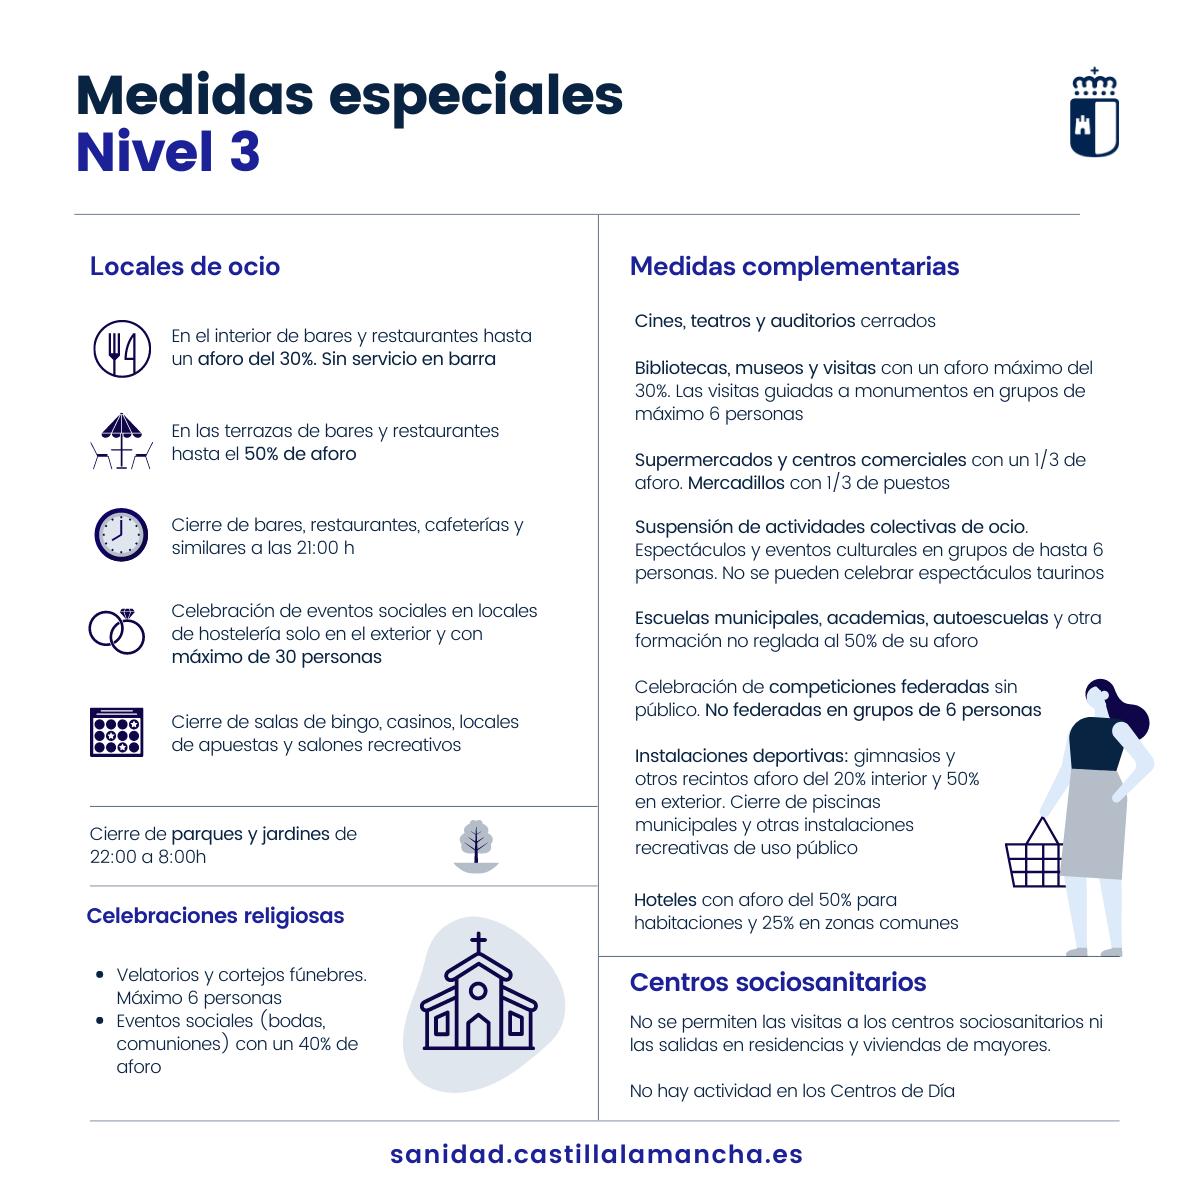 La Consejería de Sanidad decreta medidas de nivel 3 especiales en toda Castilla-La Mancha